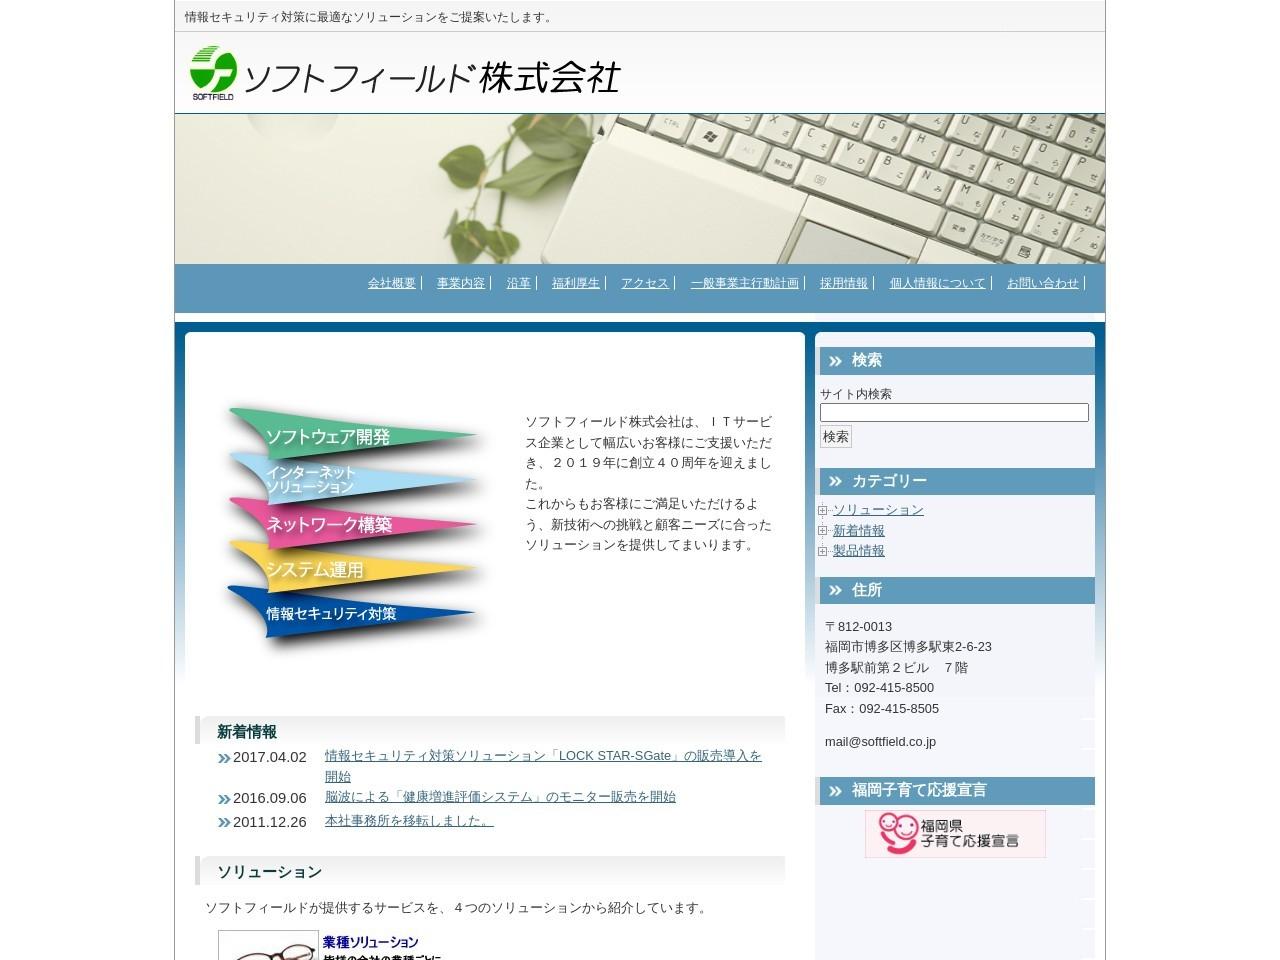 ソフトフィールド株式会社